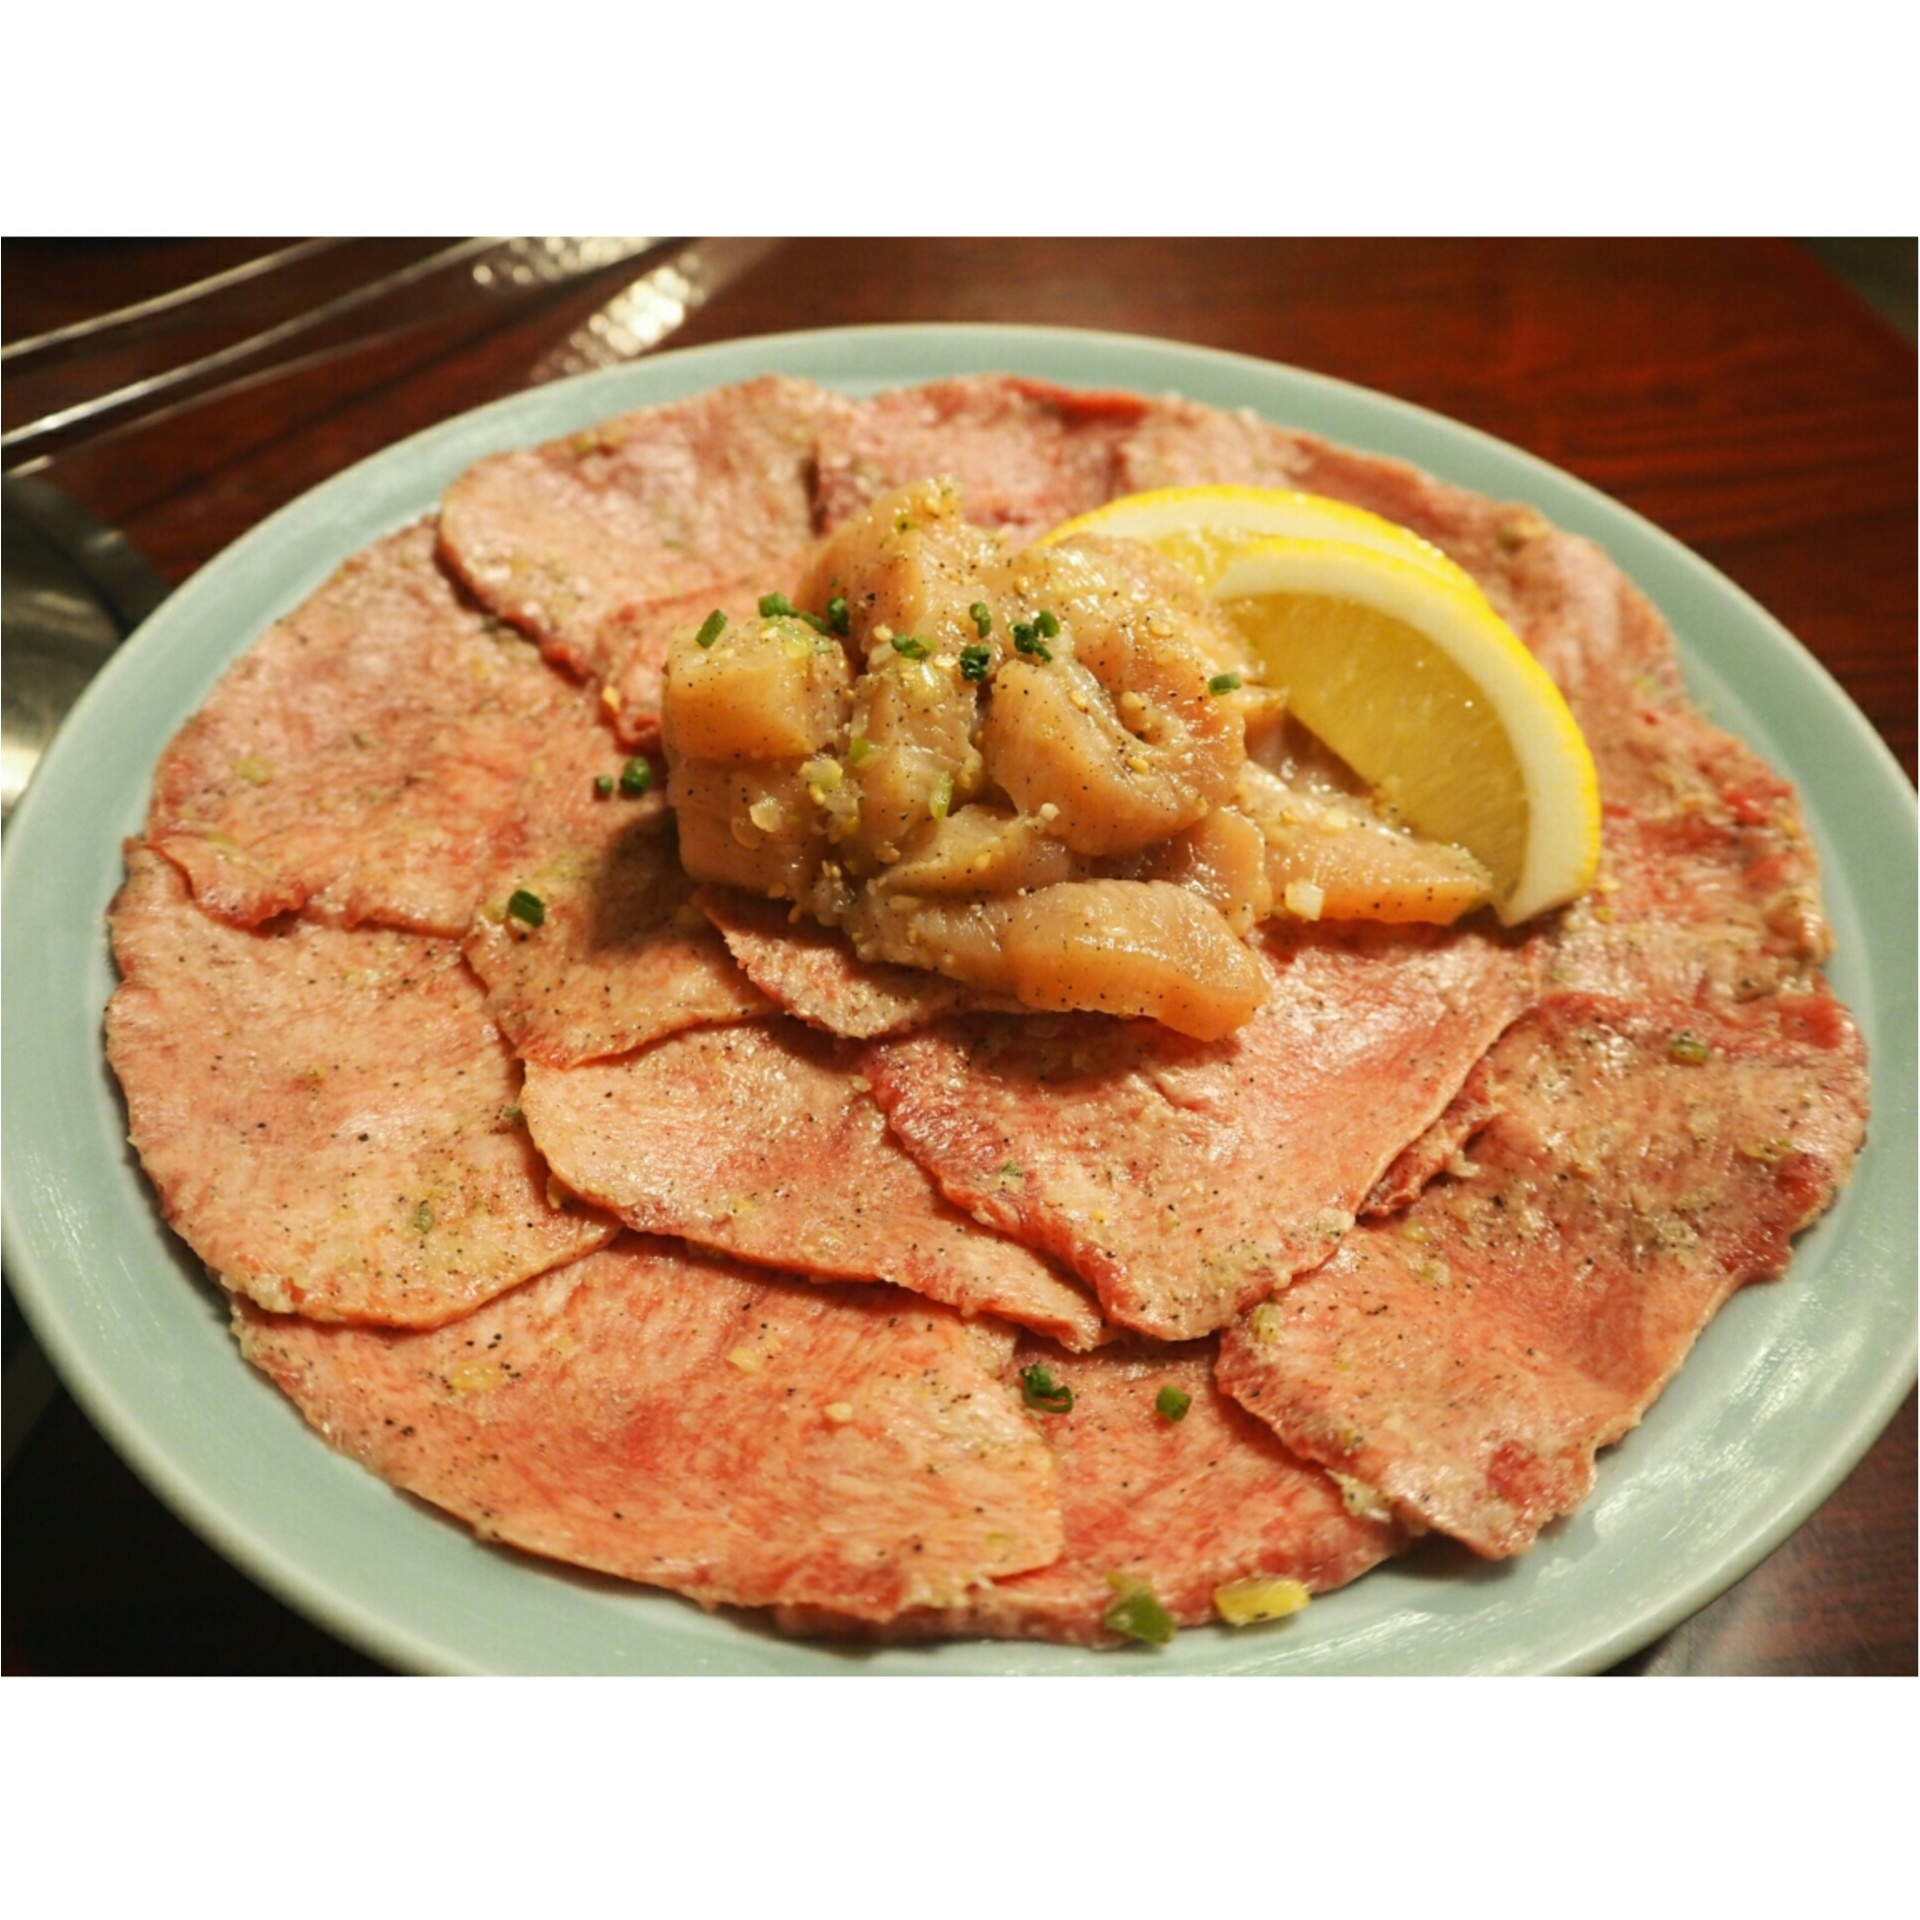 ◆タン塩の最高峰◆食べログtop5000の老舗焼肉店@森下 _1